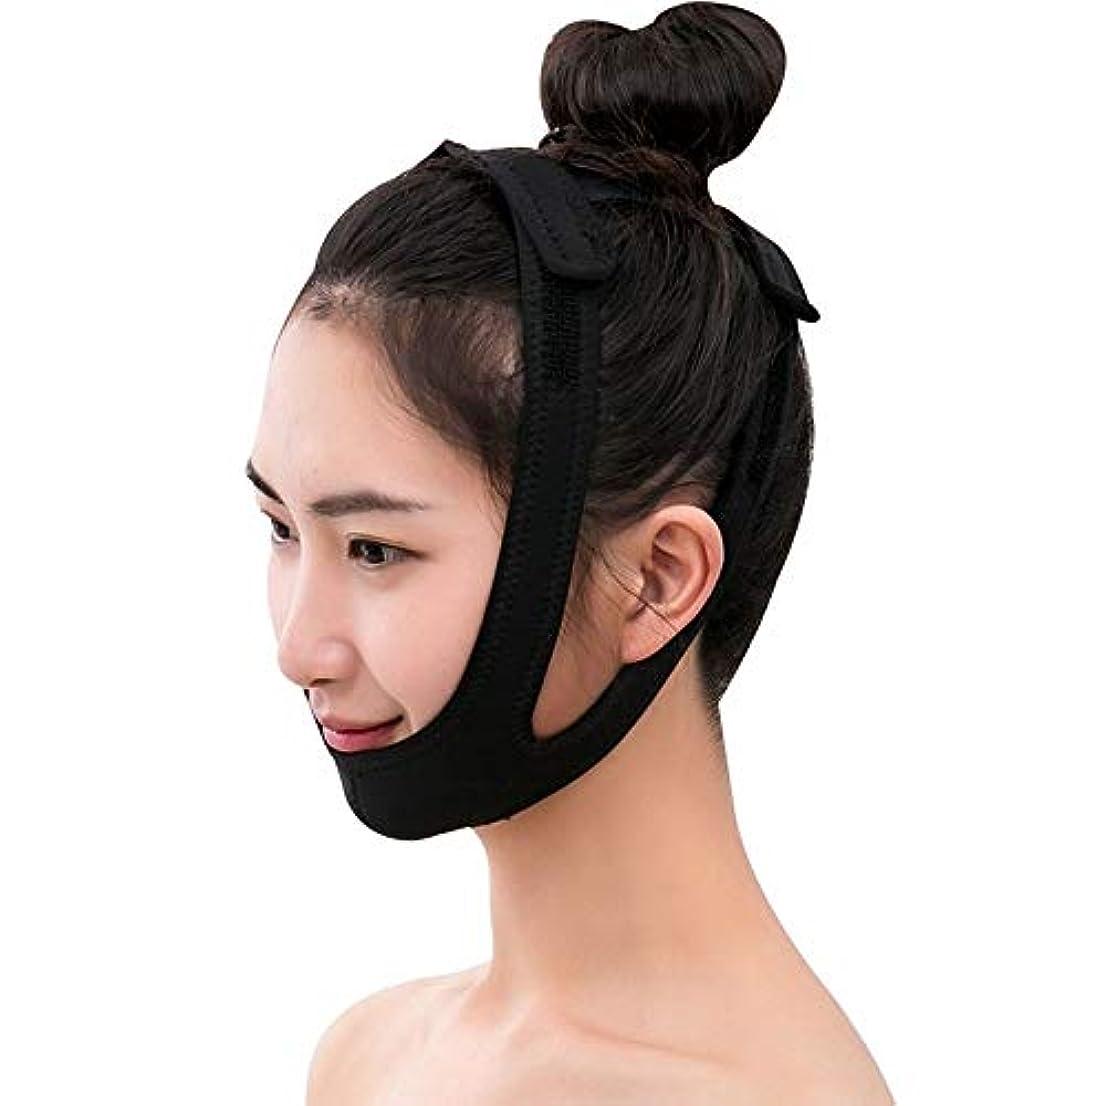 ゾーン光のとげのあるJia Jia- 強力なフェイスリフトアーチファクト術後回復ライン彫刻フェイシャルリフト睡眠リフティングフェイス引き締めVフェイス包帯 - 黒 顔面包帯